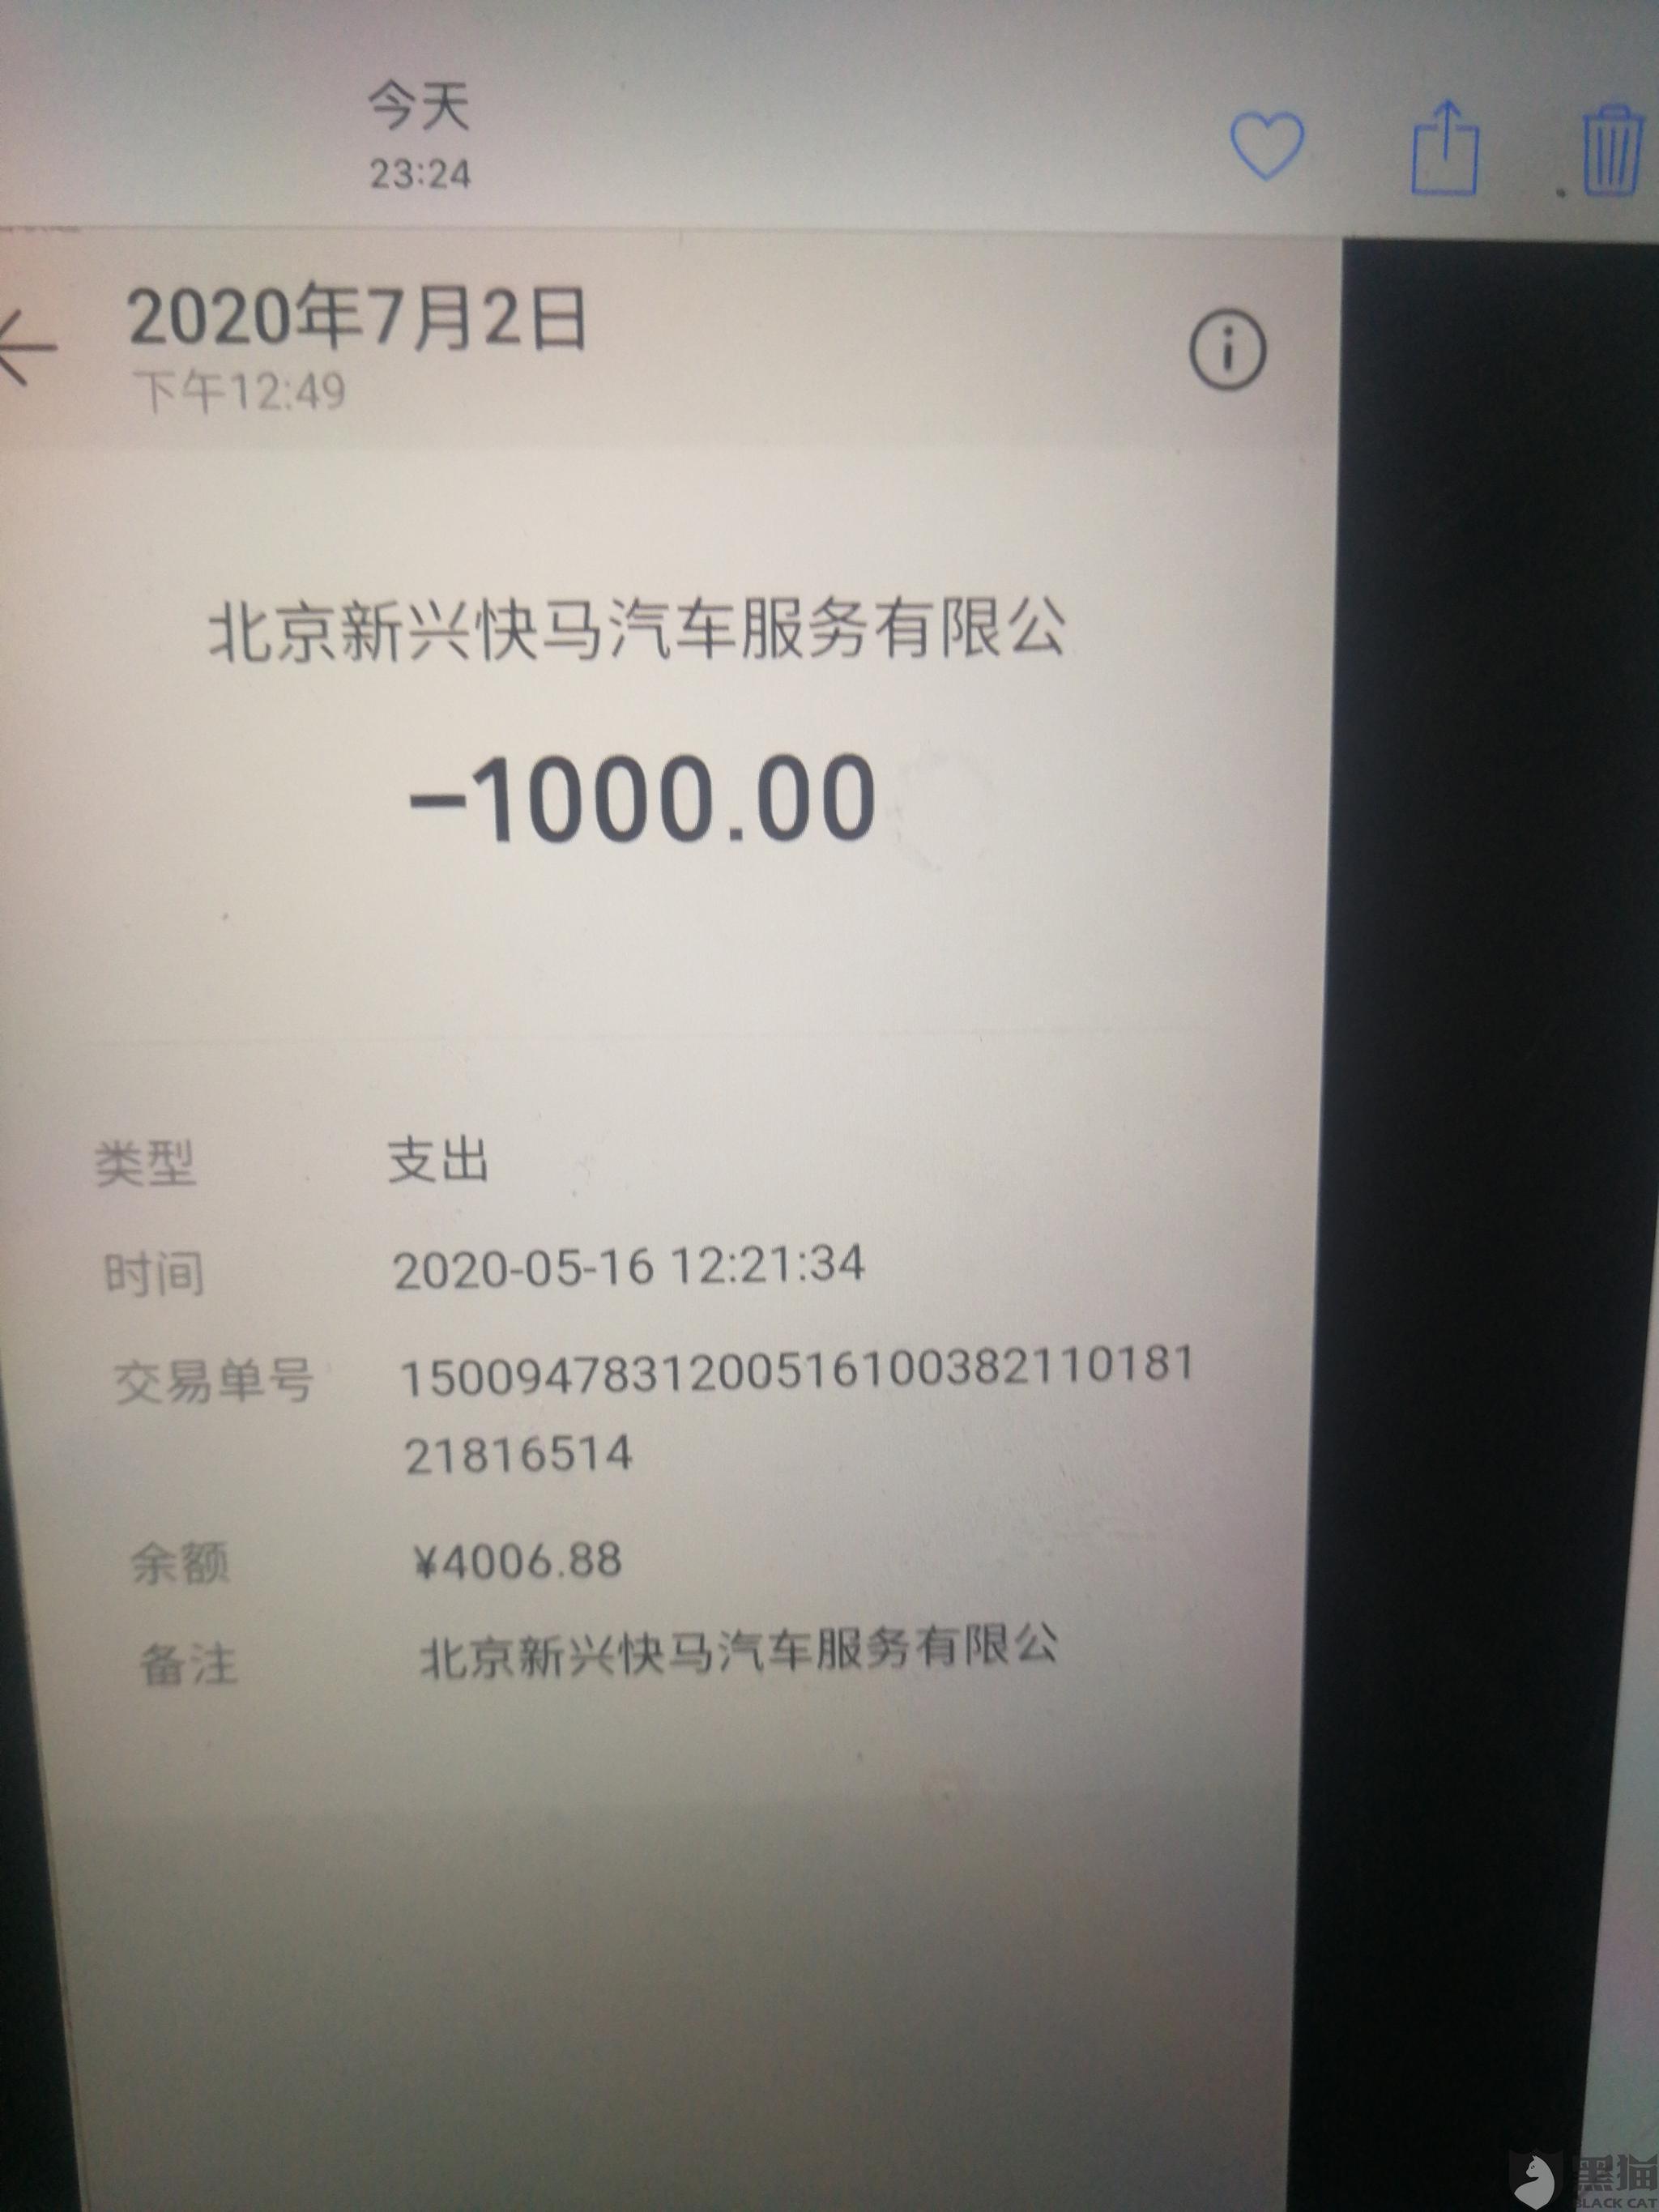 黑猫投诉:长安汽车新兴快马店非法收取抵押费1200和金融服务费2000